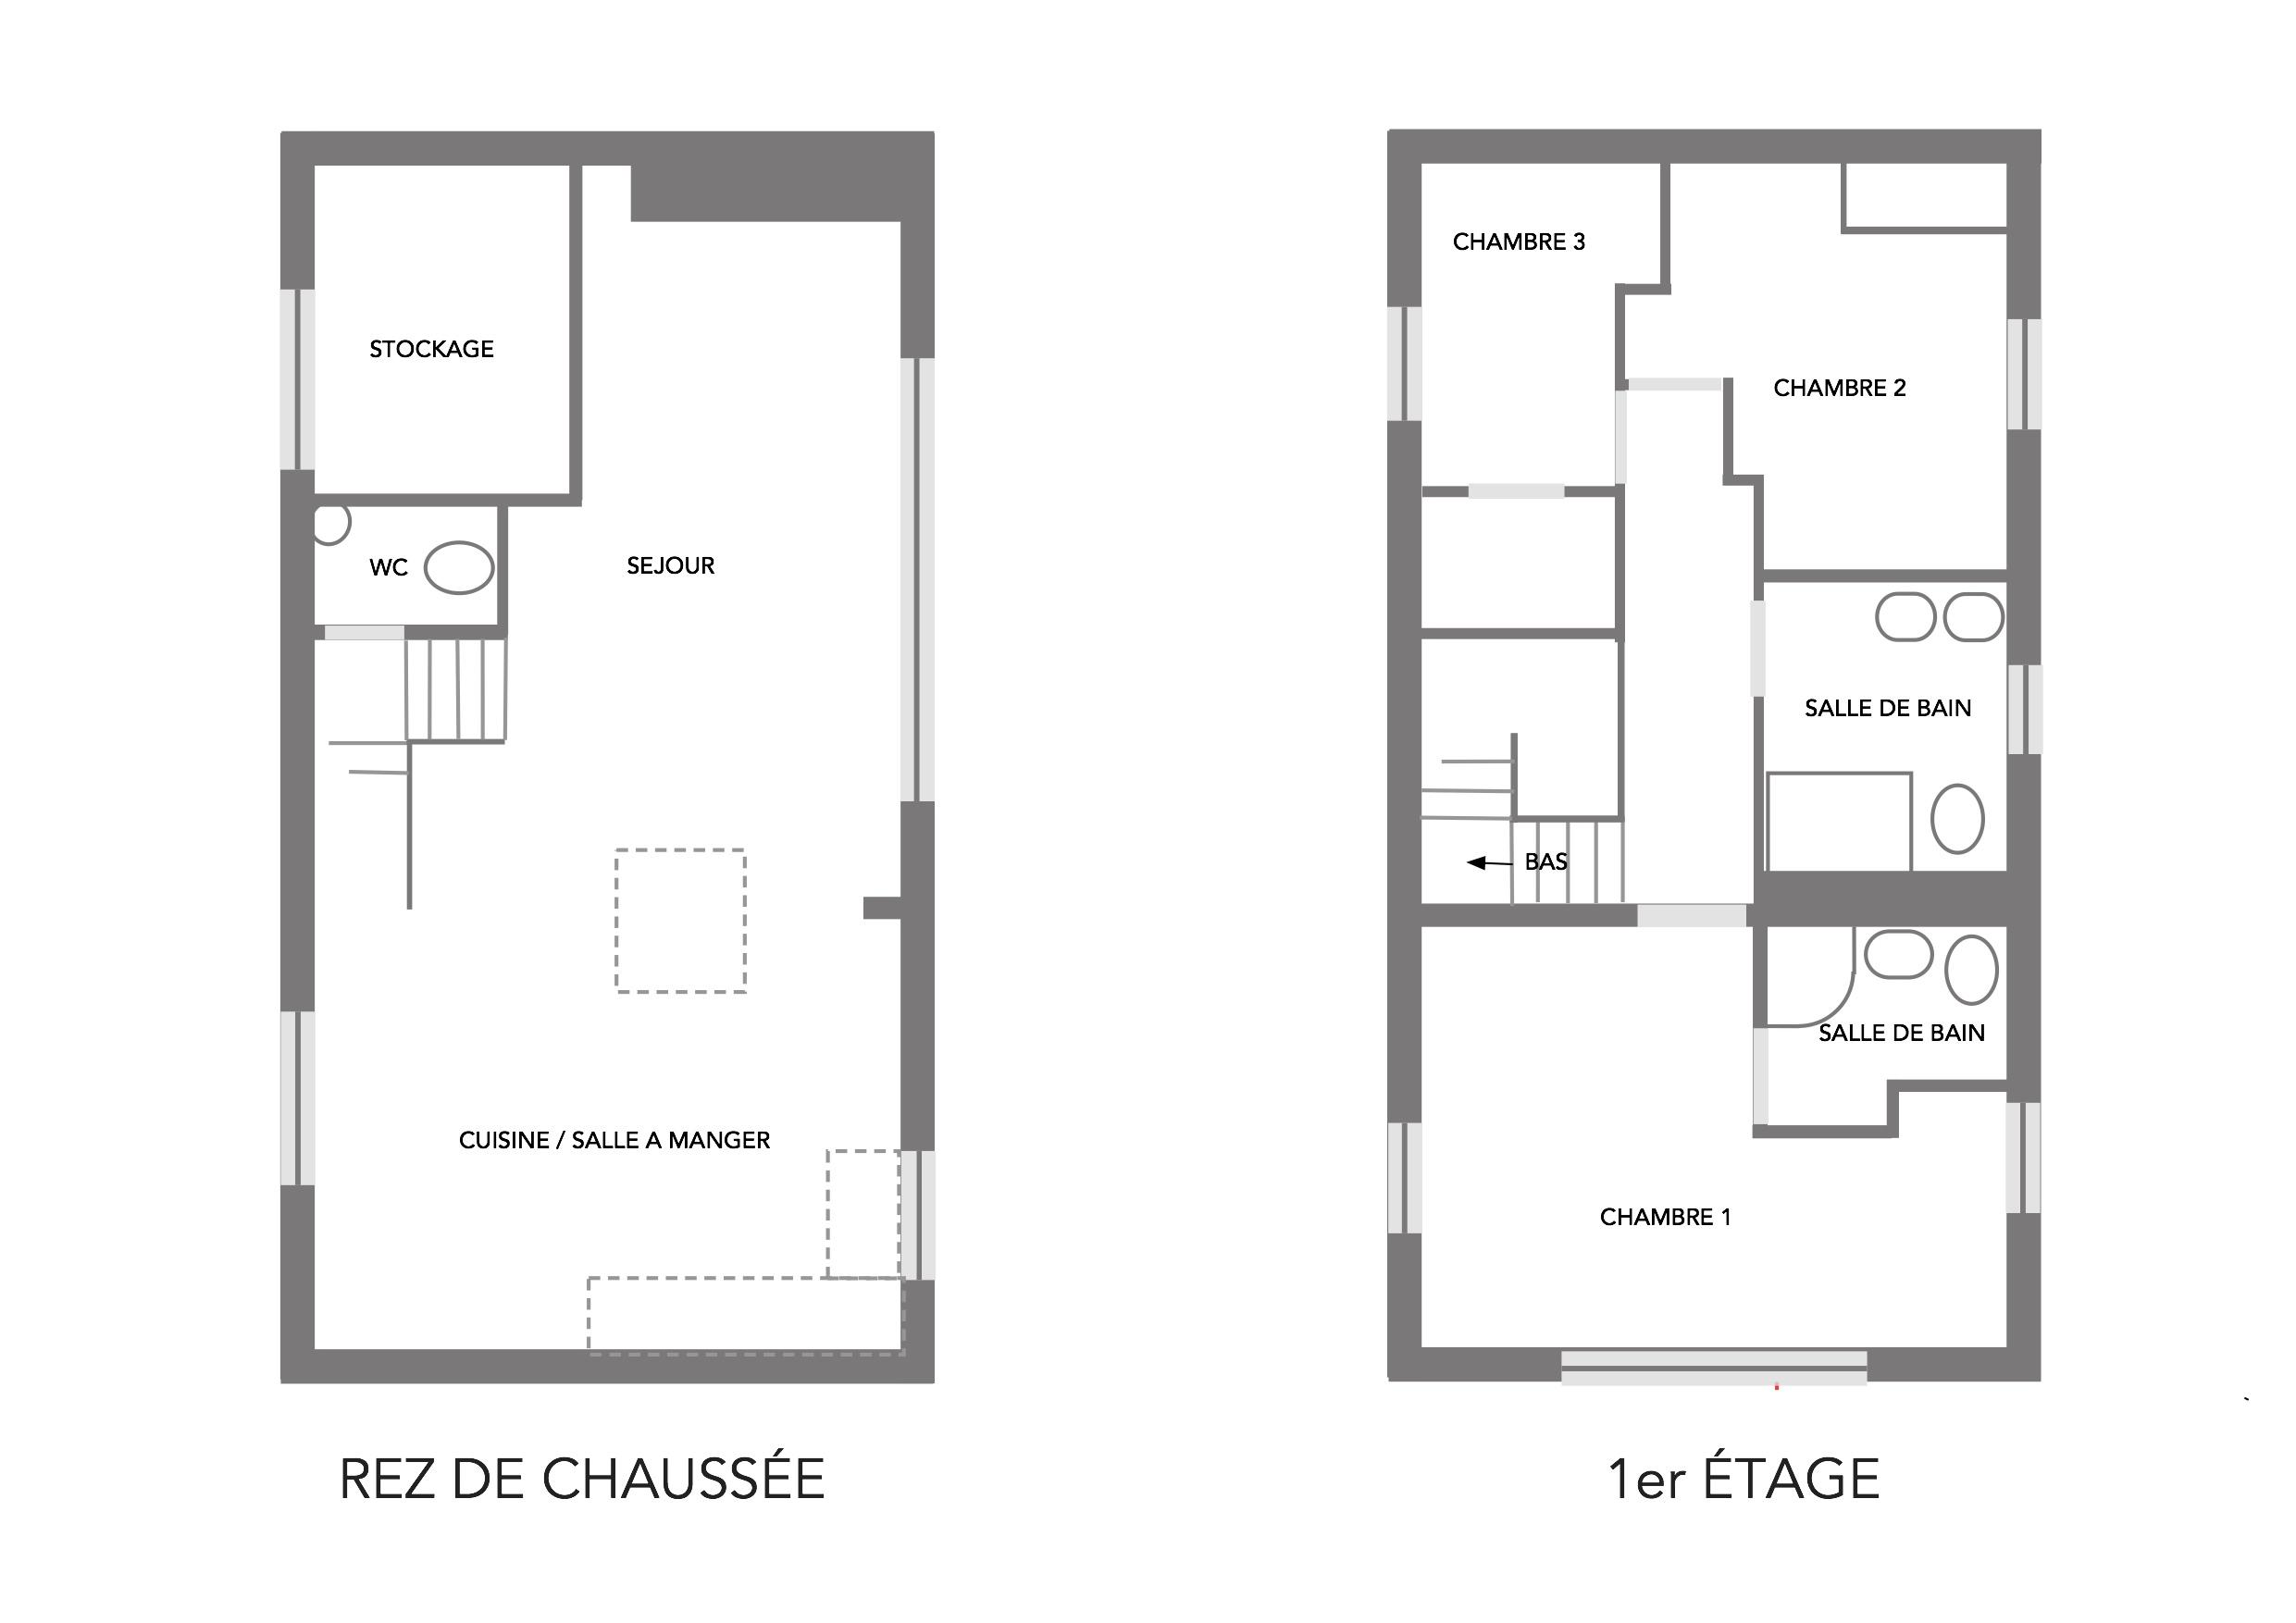 17 gite floors fr.jpg